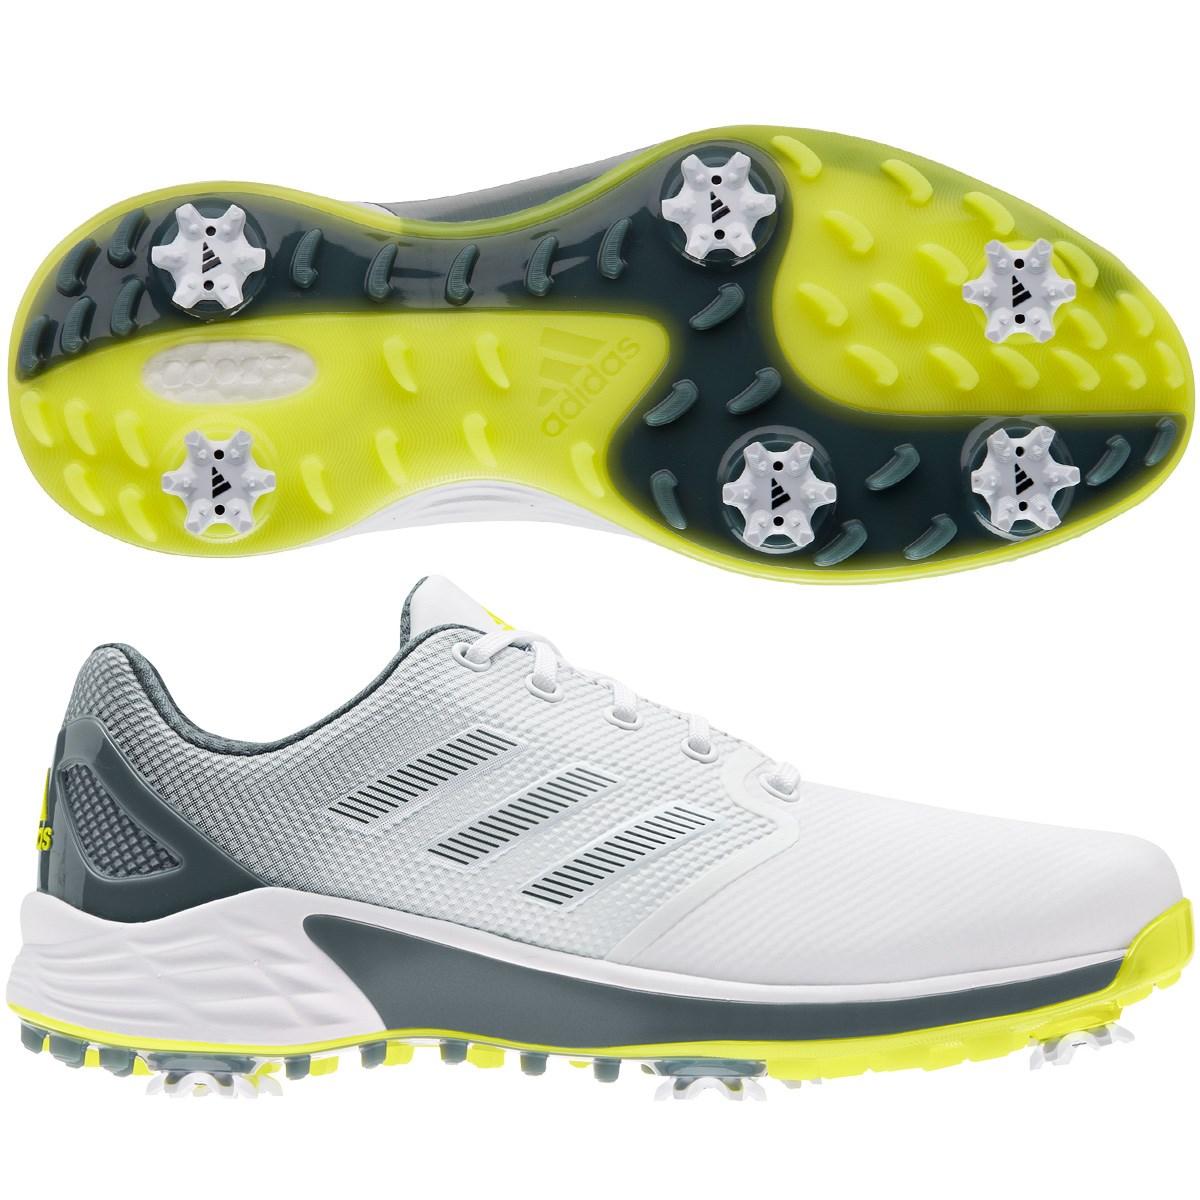 アディダス Adidas ゼッドジー21シューズ 24.5cm フットウェアホワイト/アシッドイエロー/ブルーオキサイド